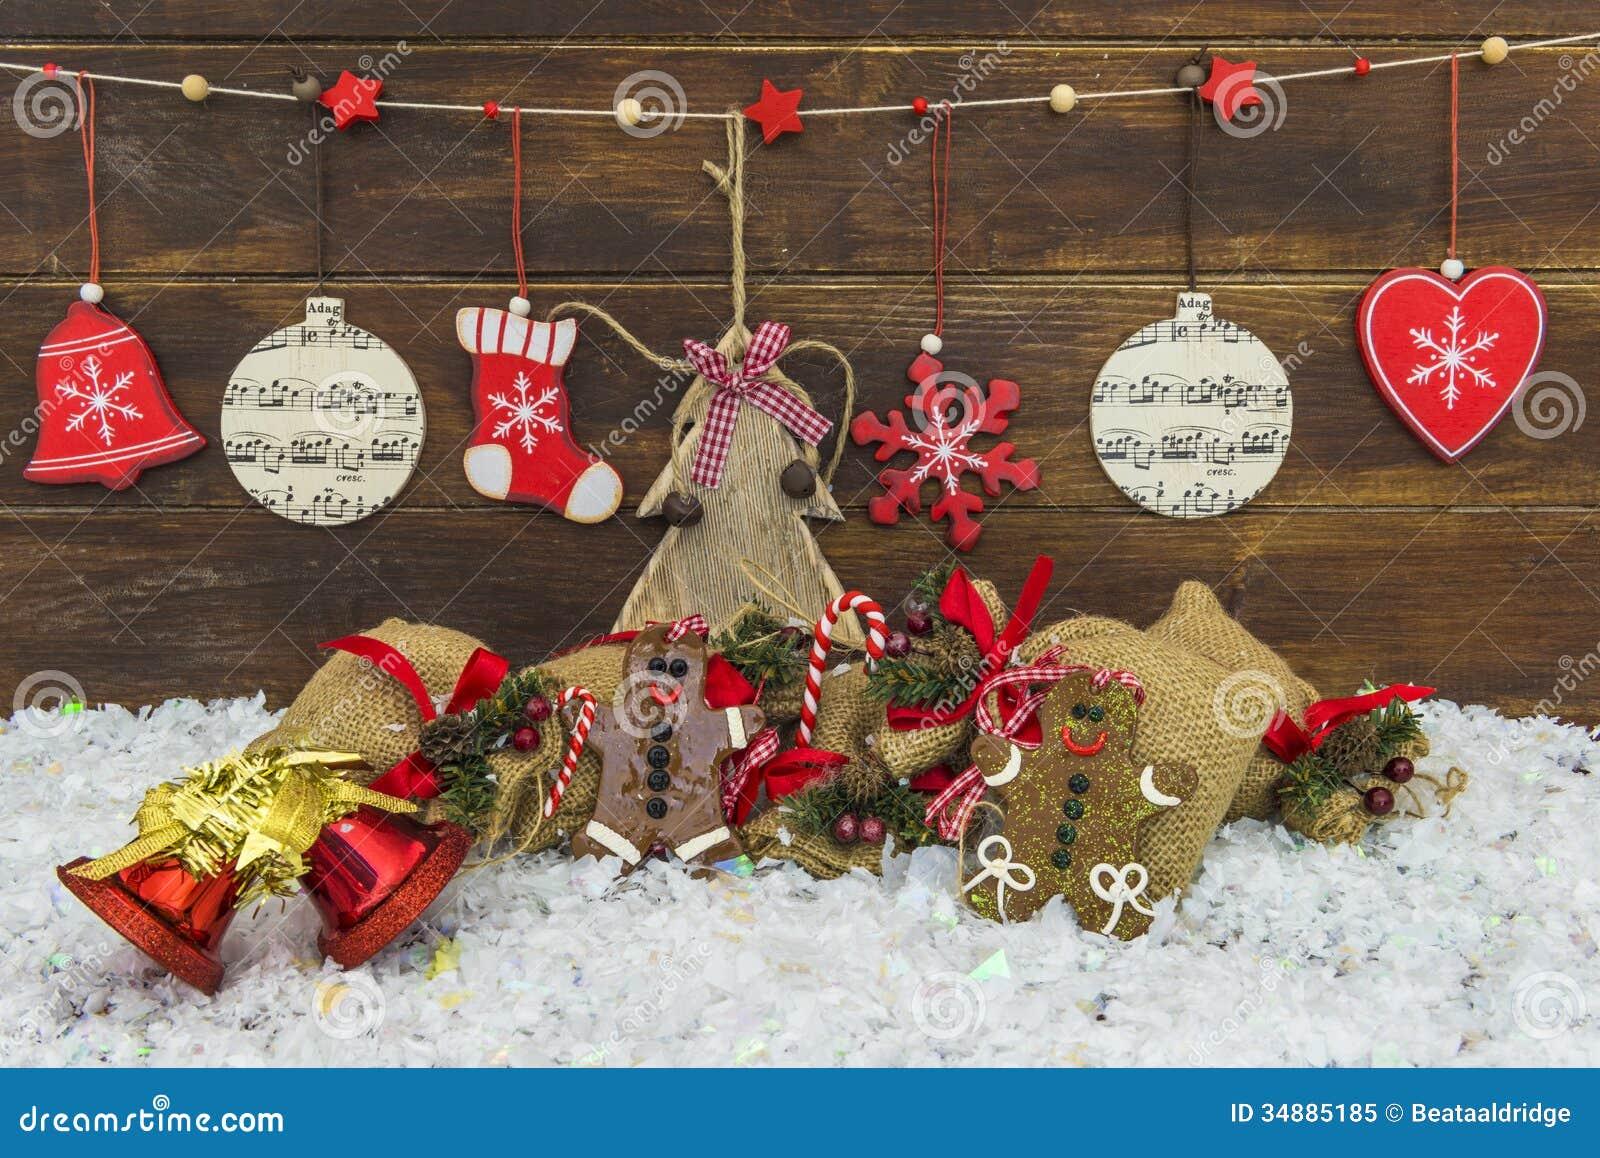 Decoraciones r sticas elegantes lamentables de la navidad for Decoraciones rusticas para navidad